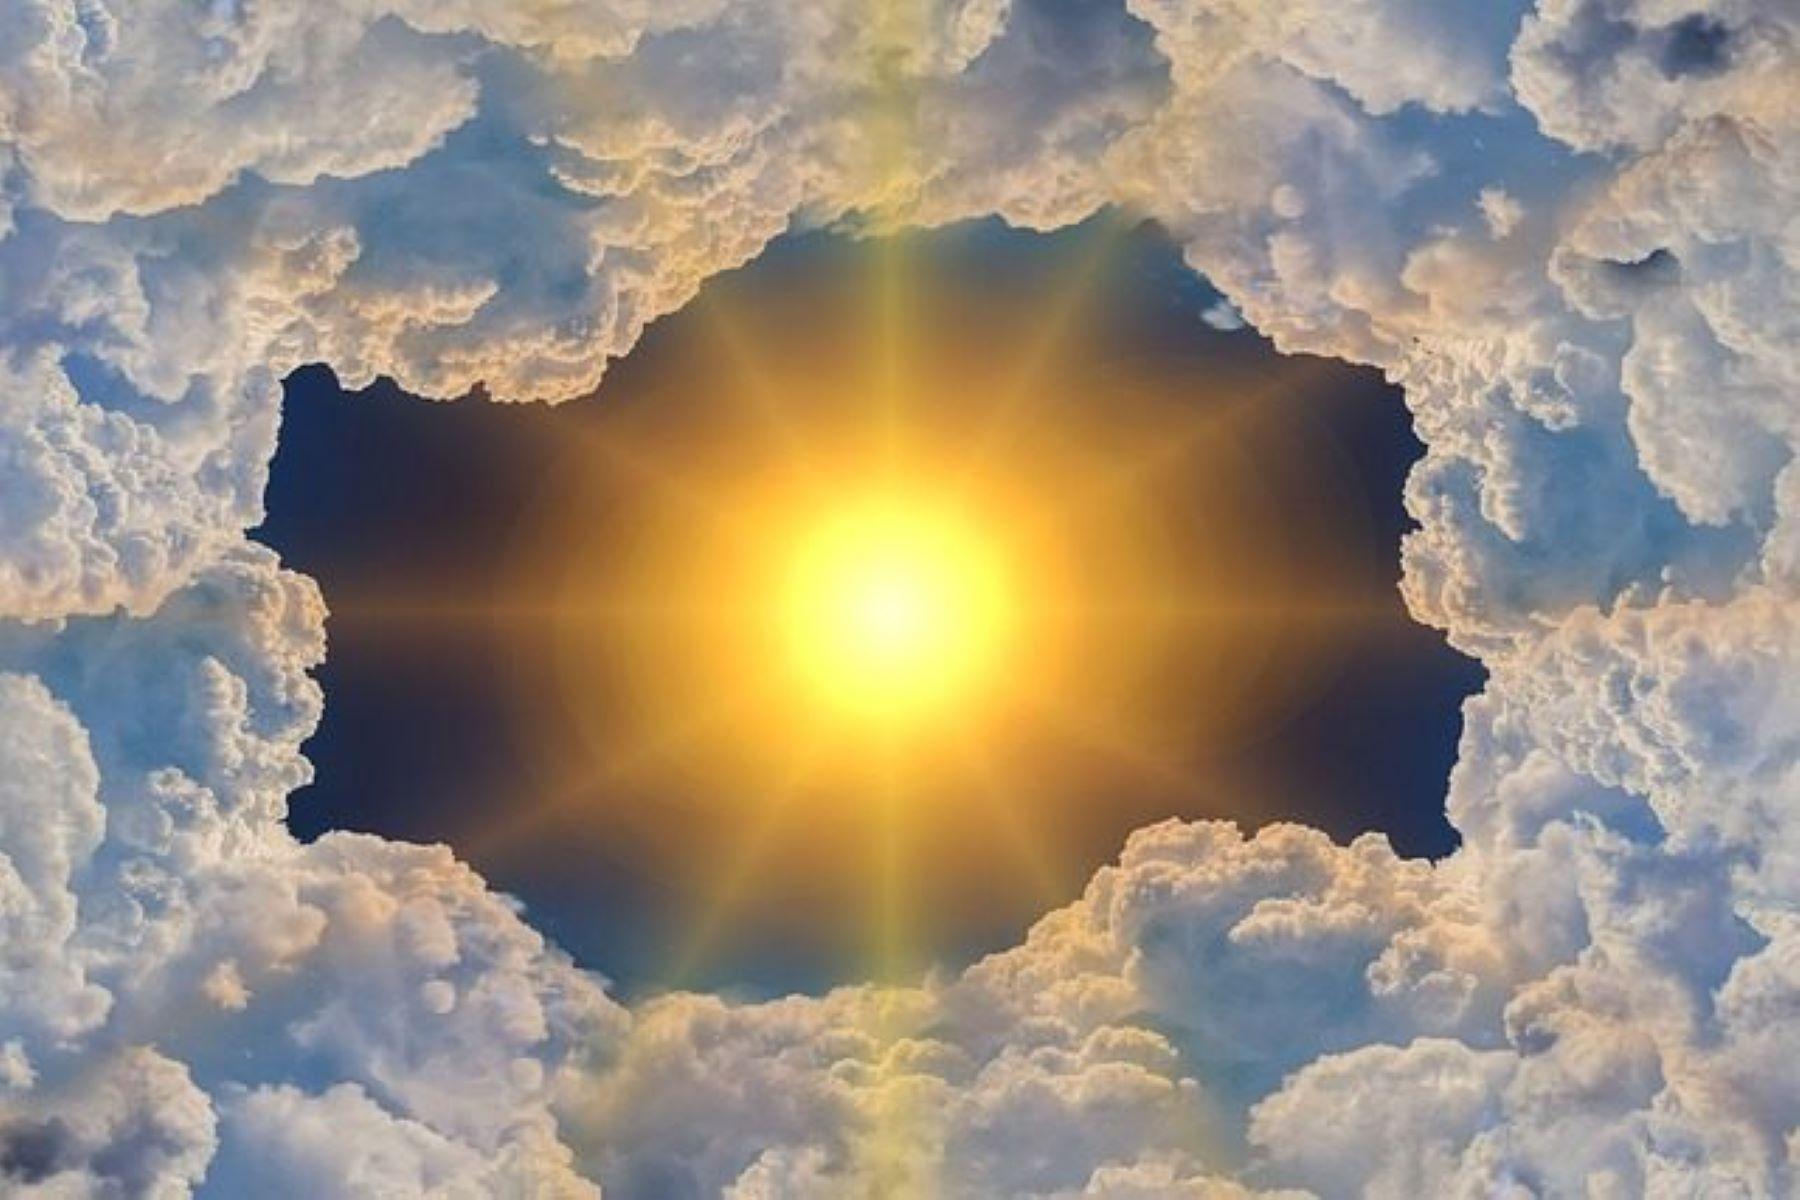 Αυτοφροντίδα Καλοκαίρι: Προστατευτείτε από τον ήλιο